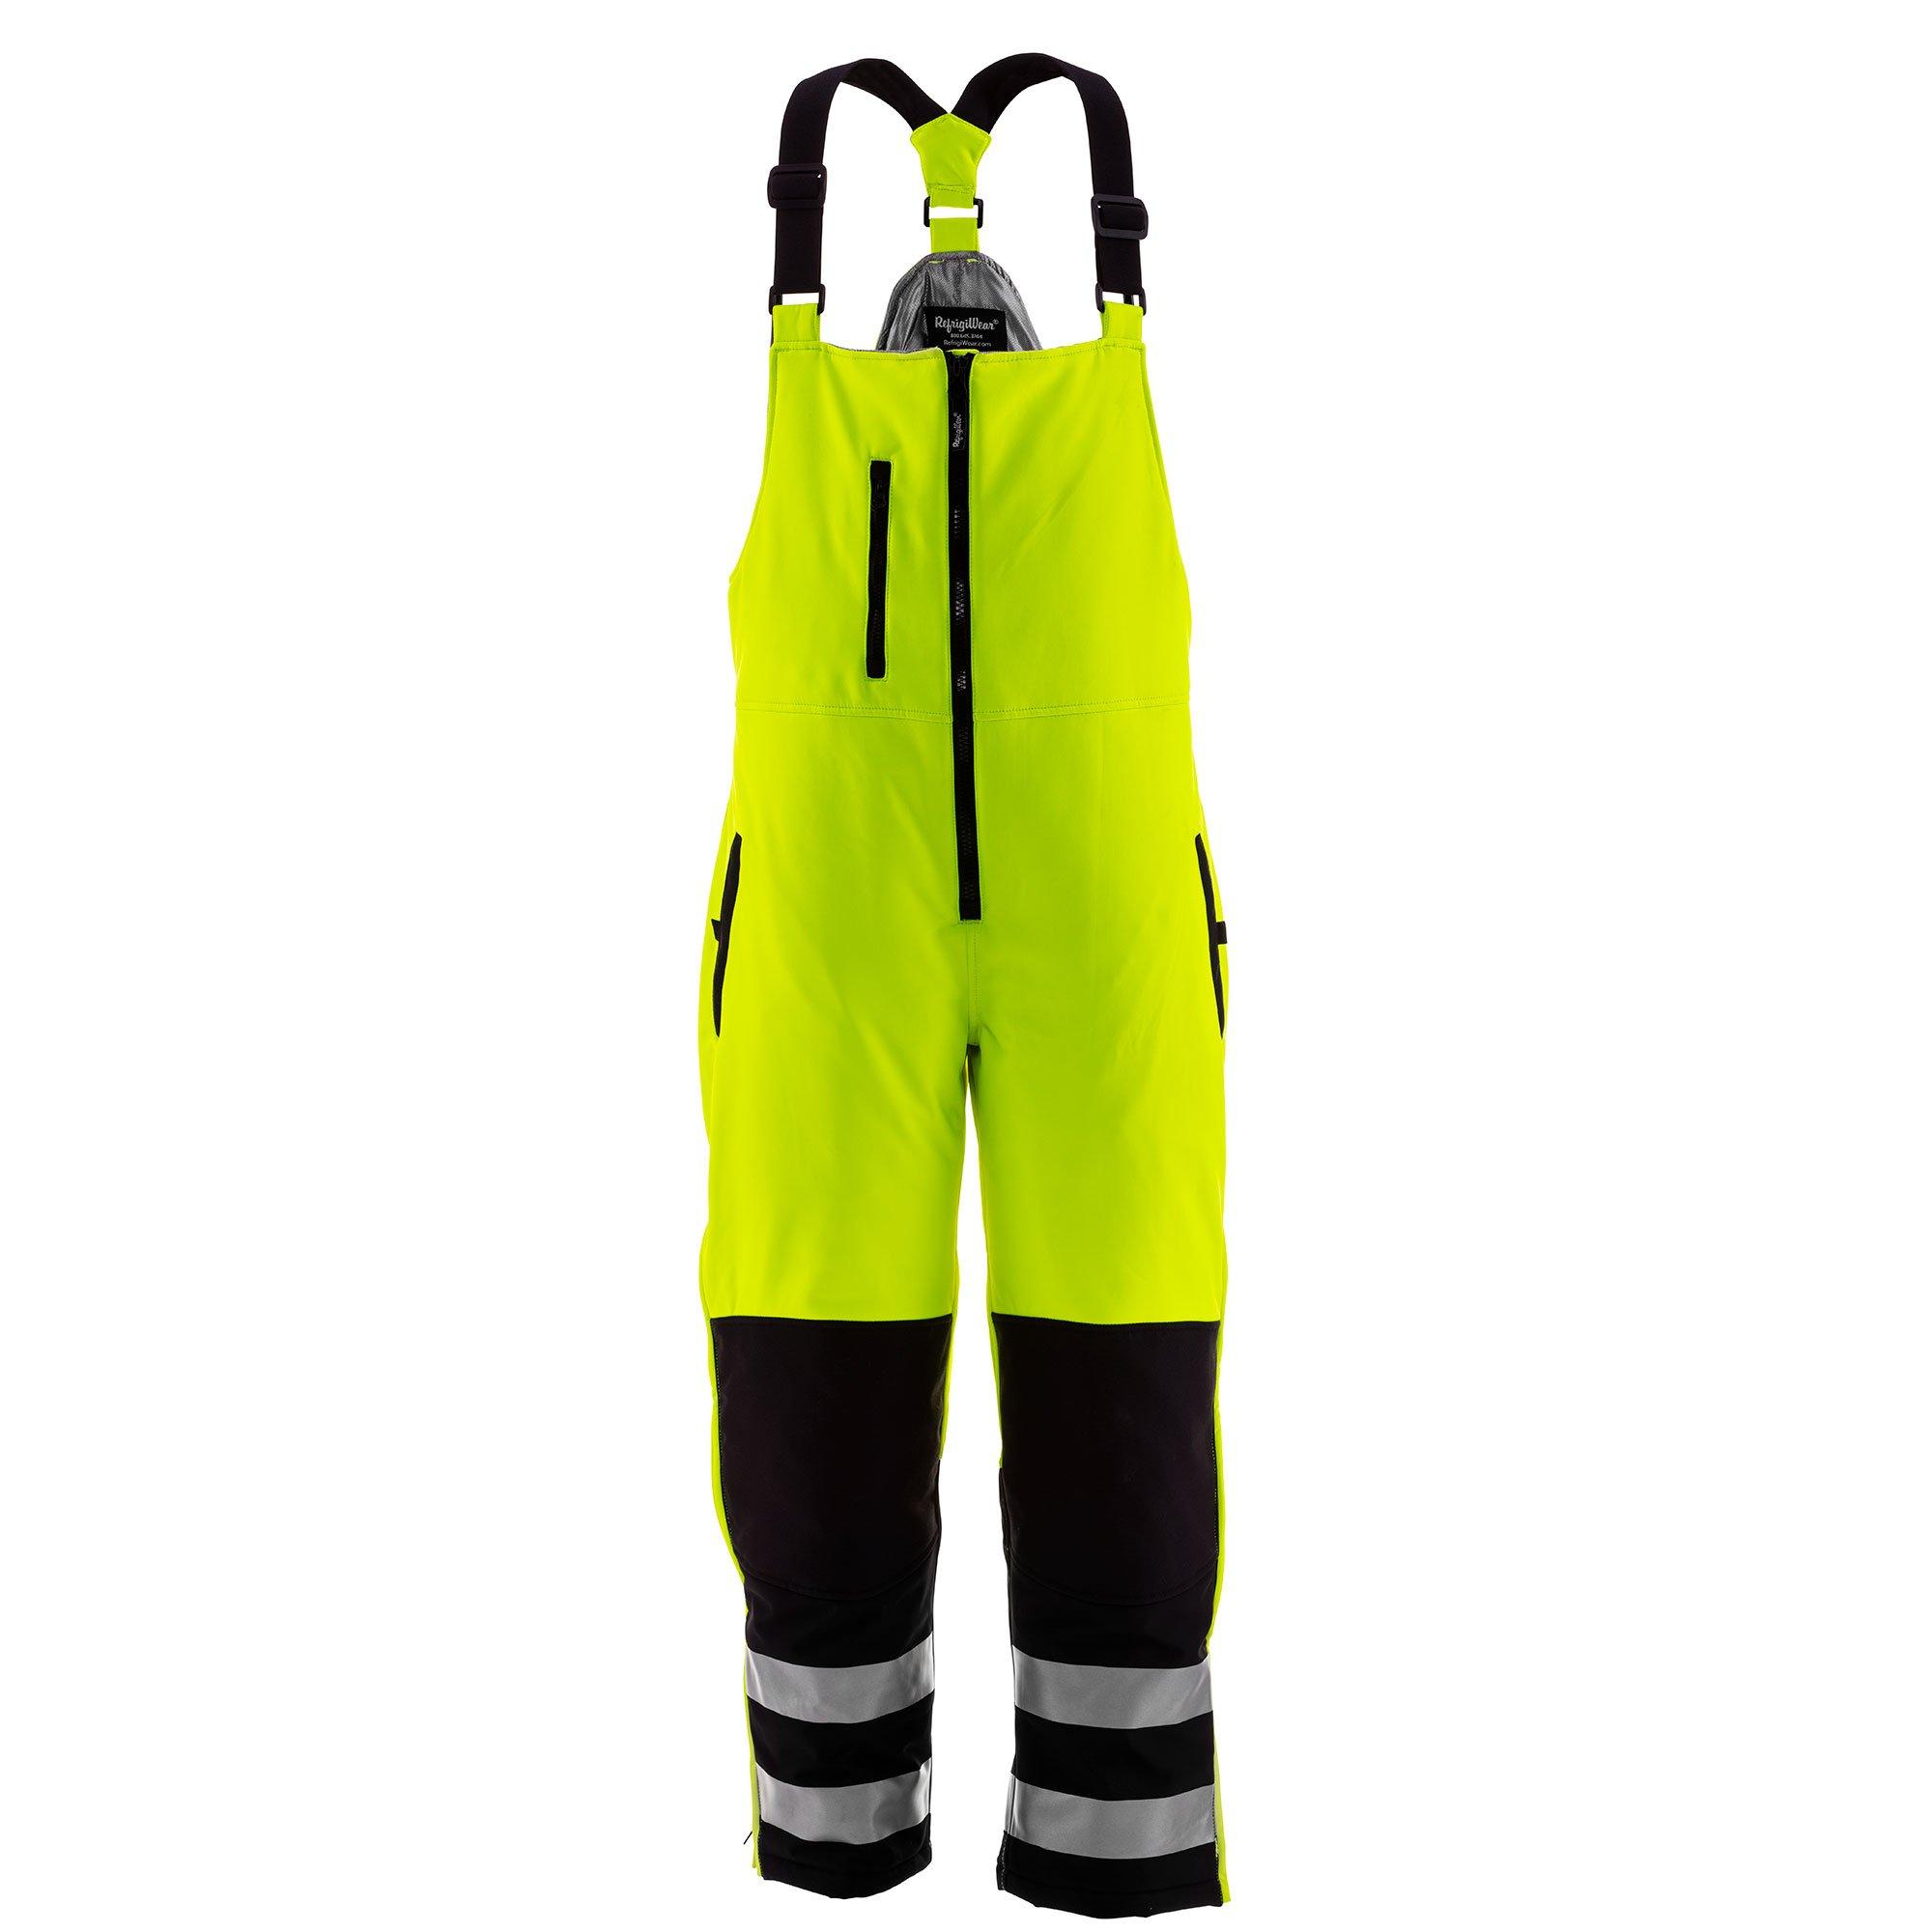 RefrigiWear Men's HiVis Pant Black/Lime 4XL